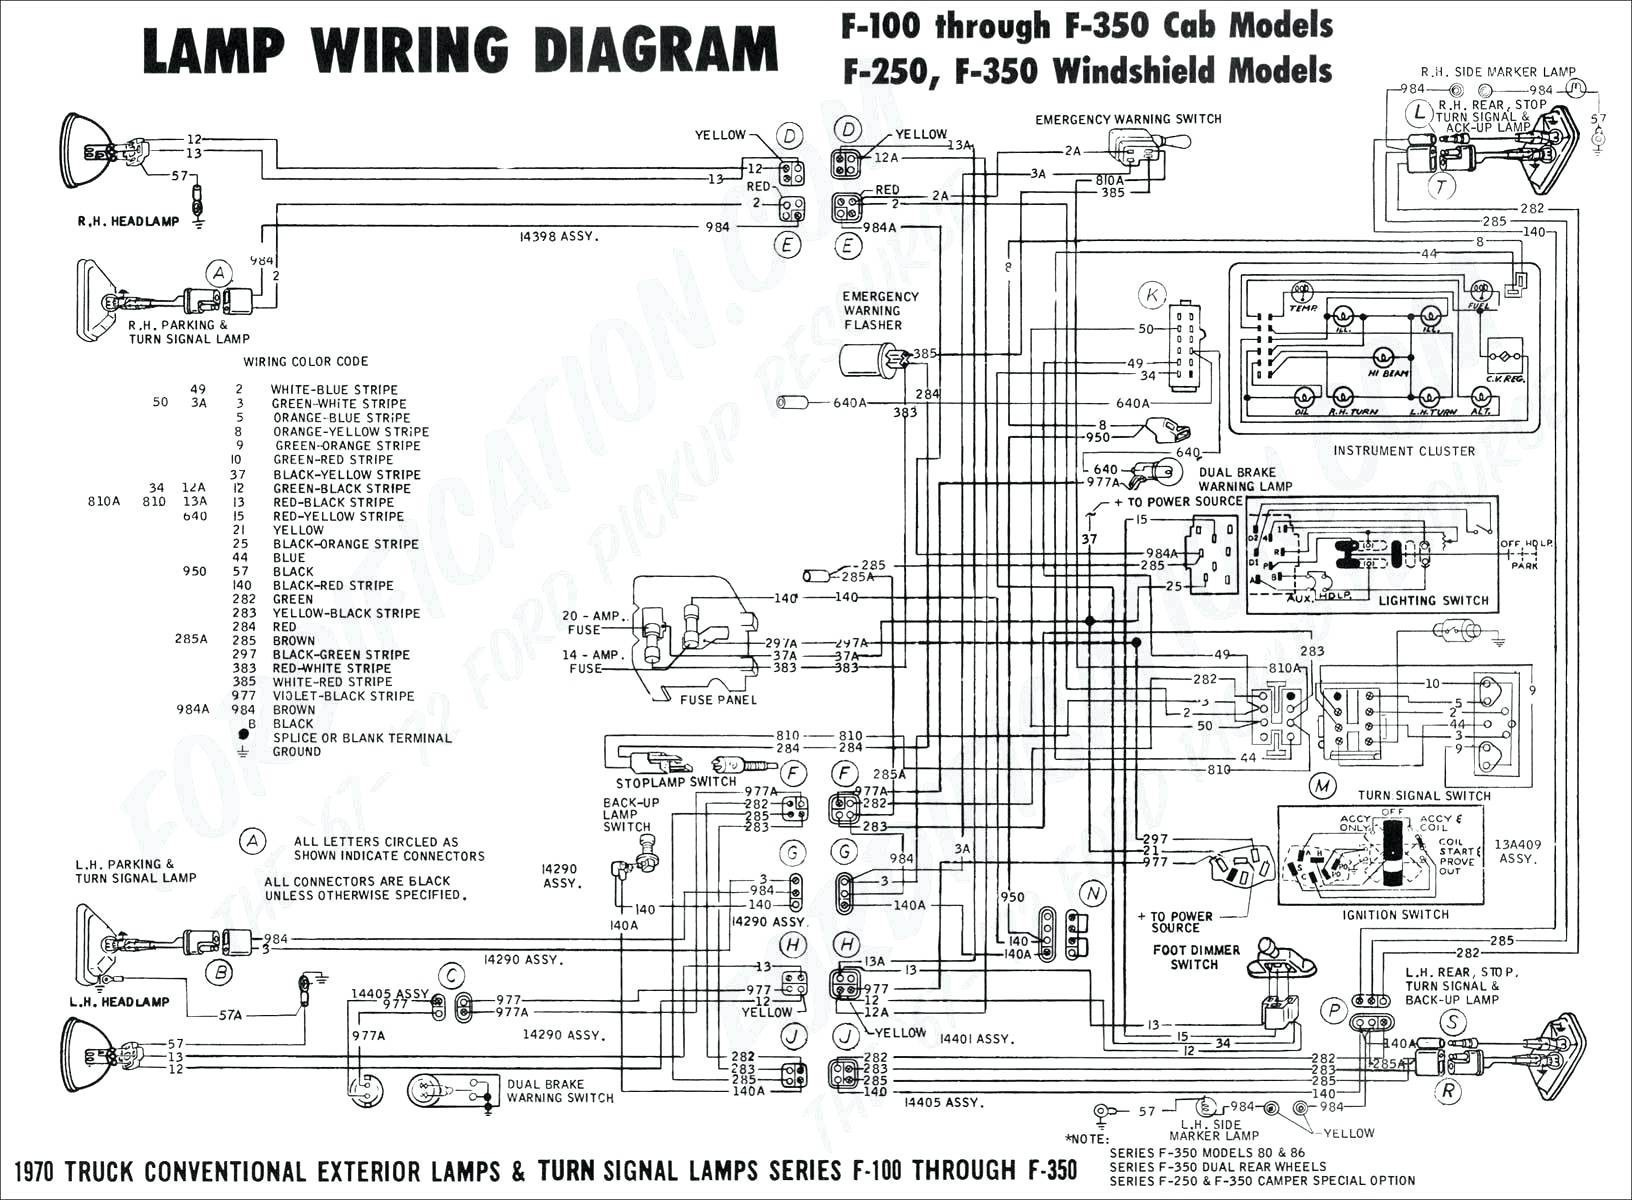 Boxer Engine Diagram 2001 F250 Engine Diagram Experts Wiring Diagram • Of Boxer Engine Diagram